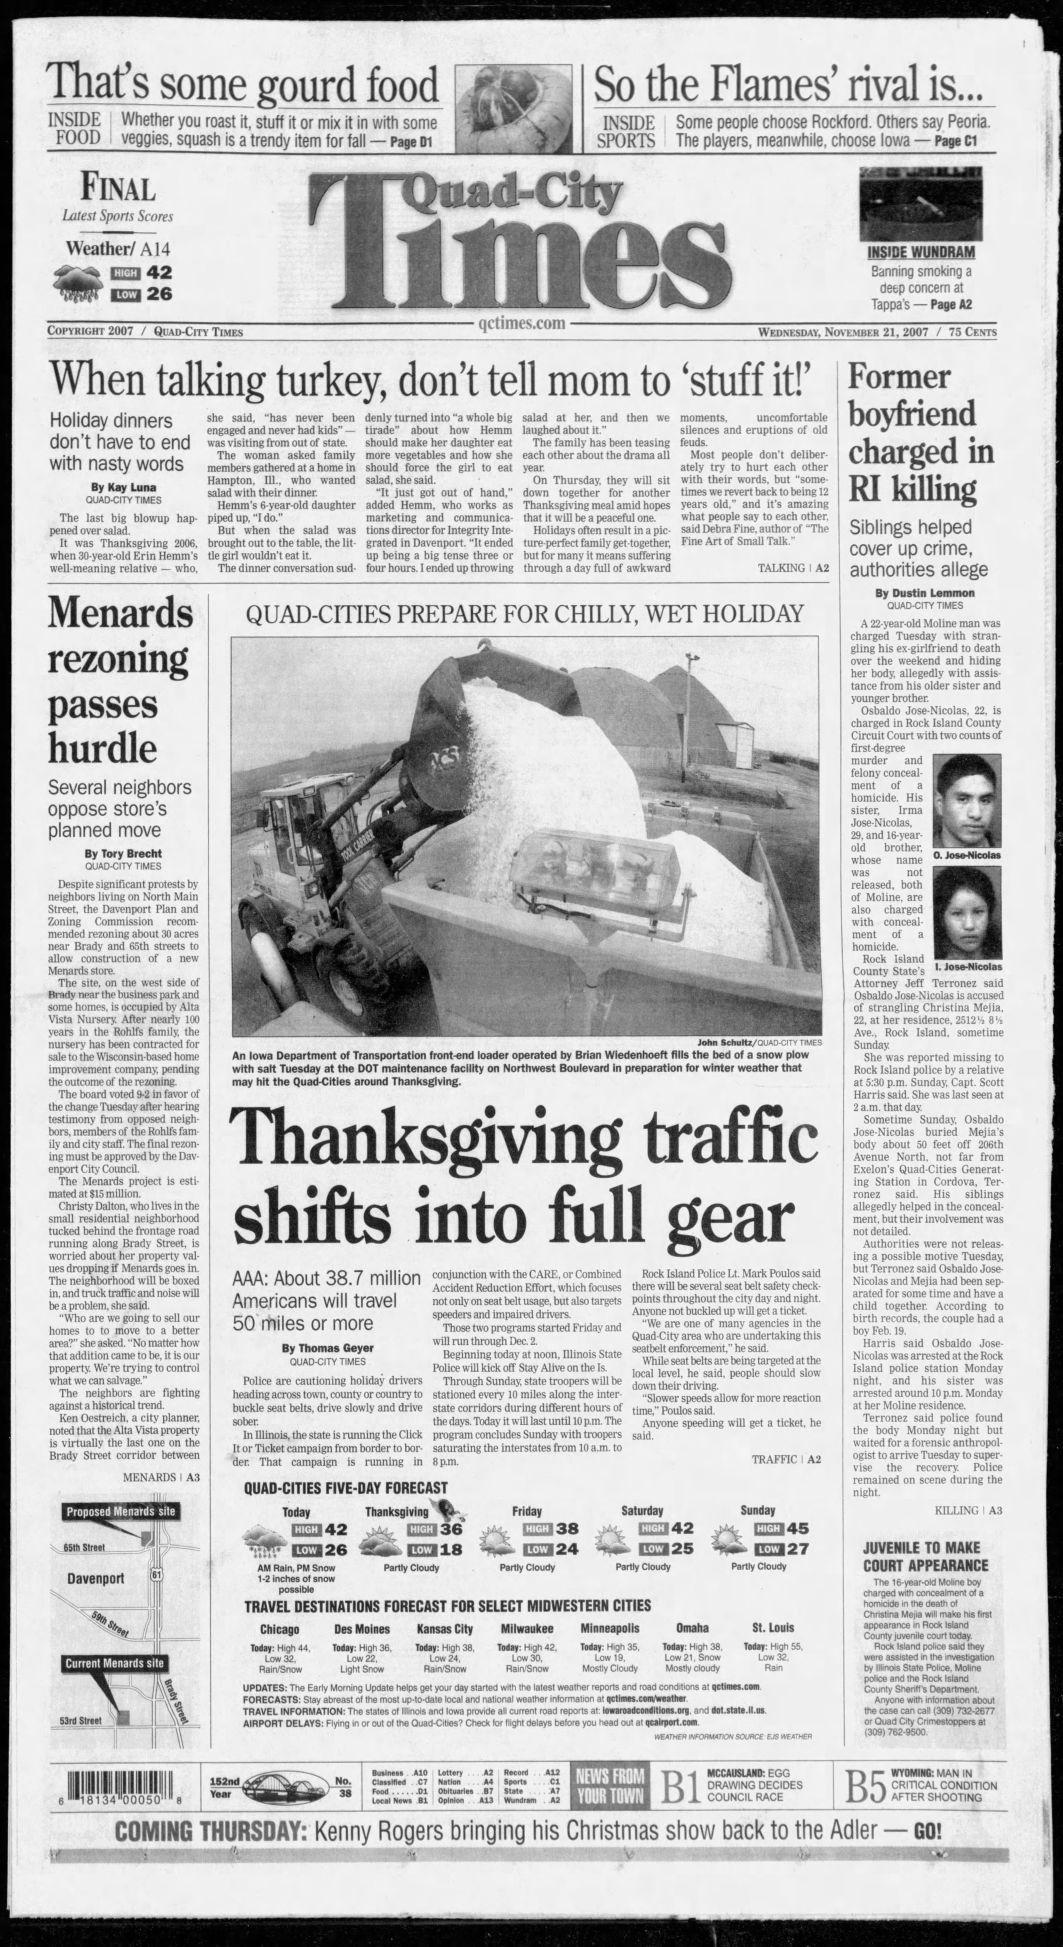 Nov. 21, 2007 page A1